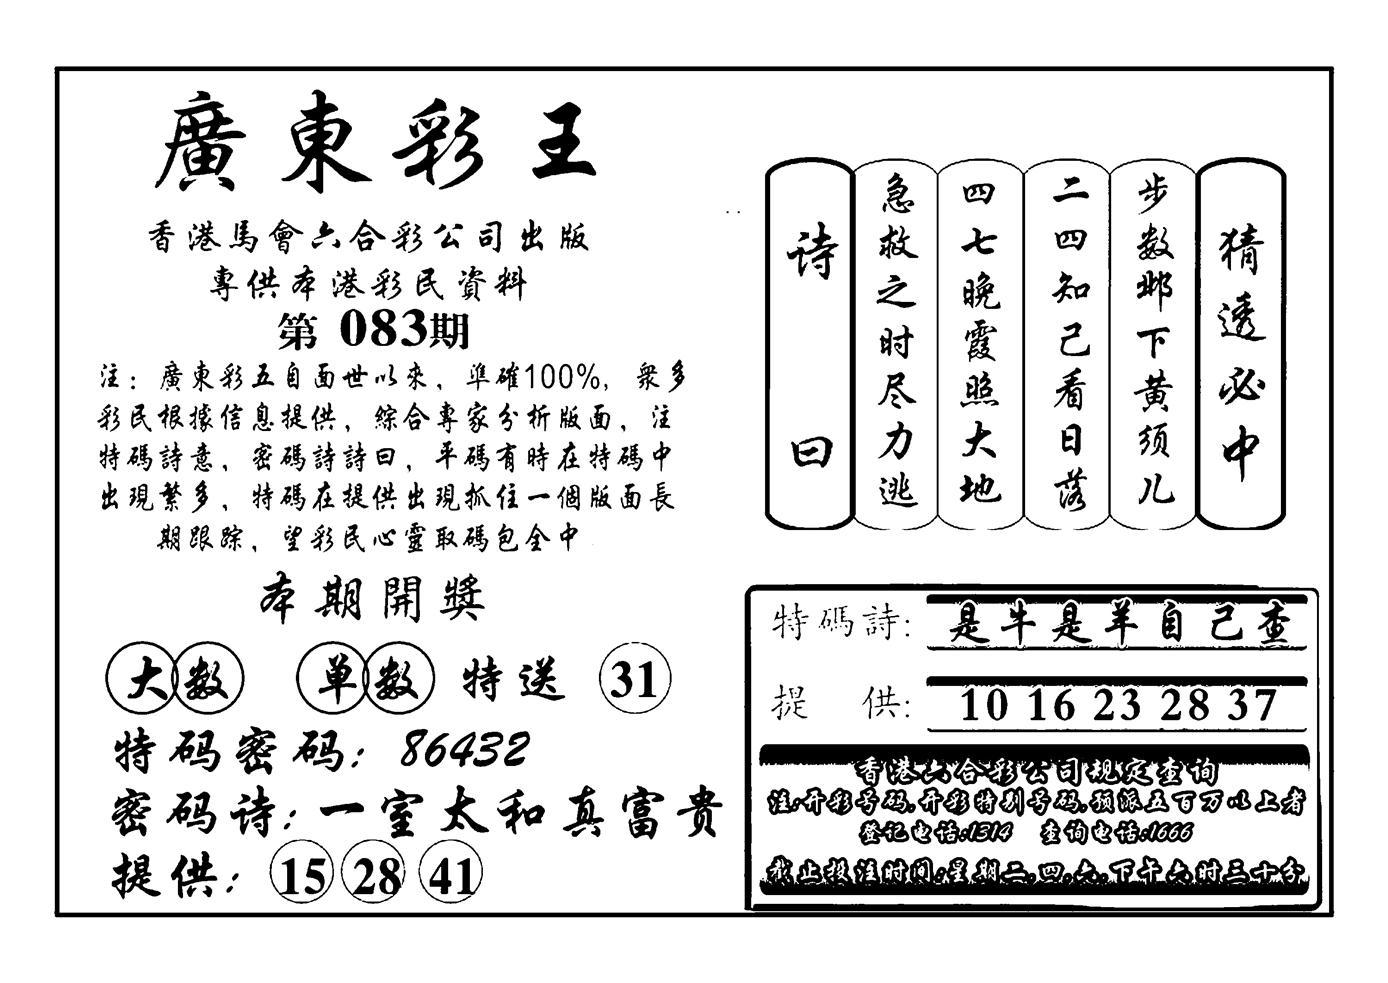 083期广东彩王(黑白)